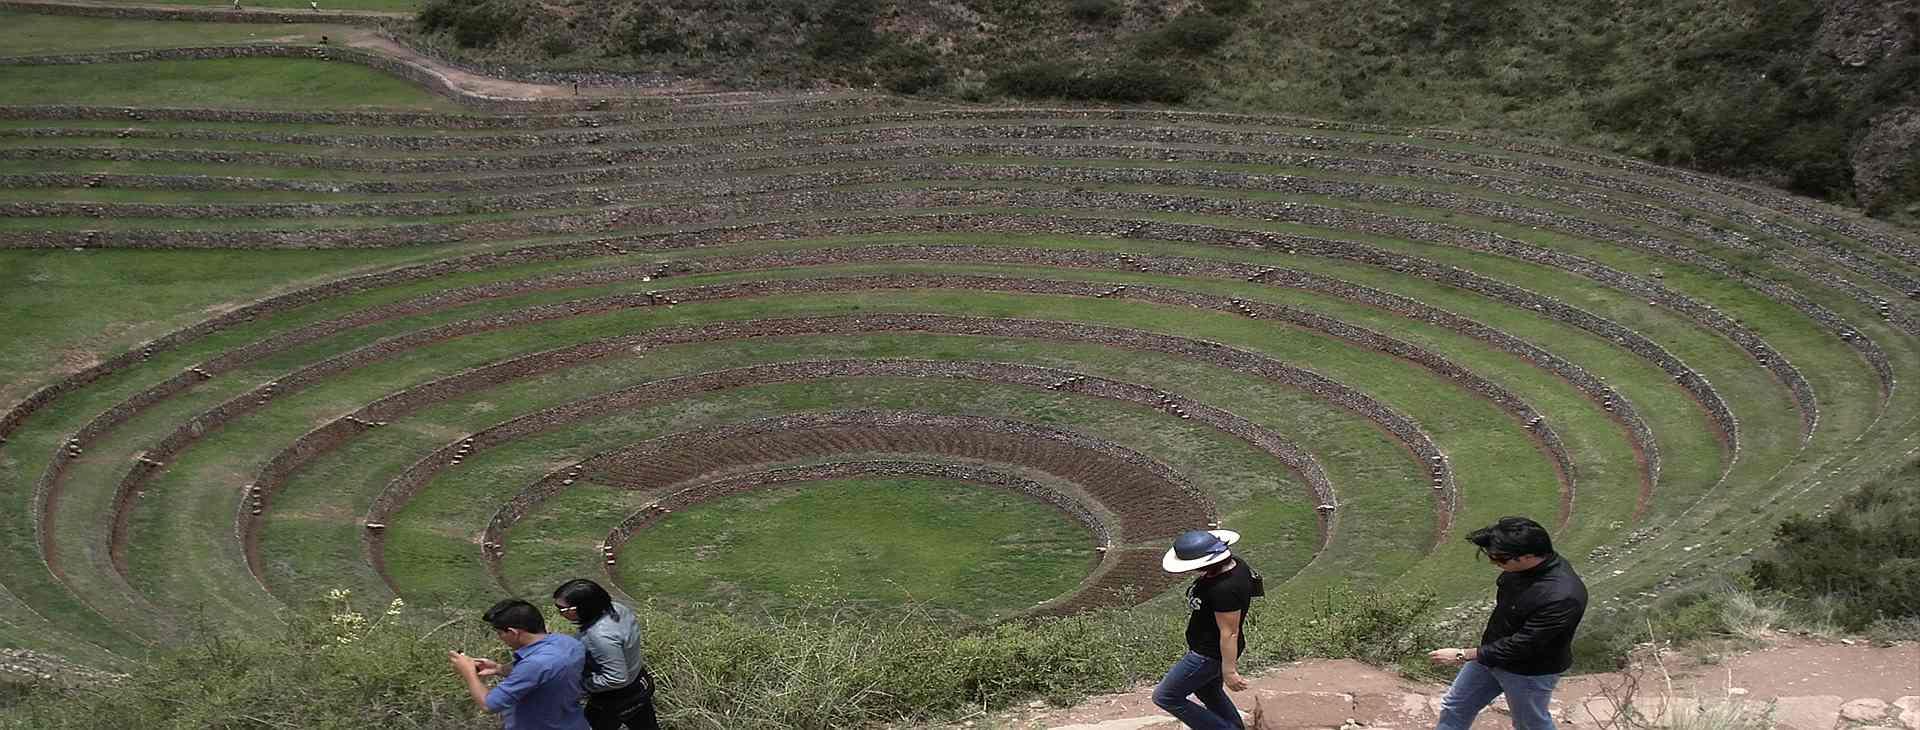 Tours Cusco Machu Picchu Completo 5dias - TOURS PERU MACHU PICCHU